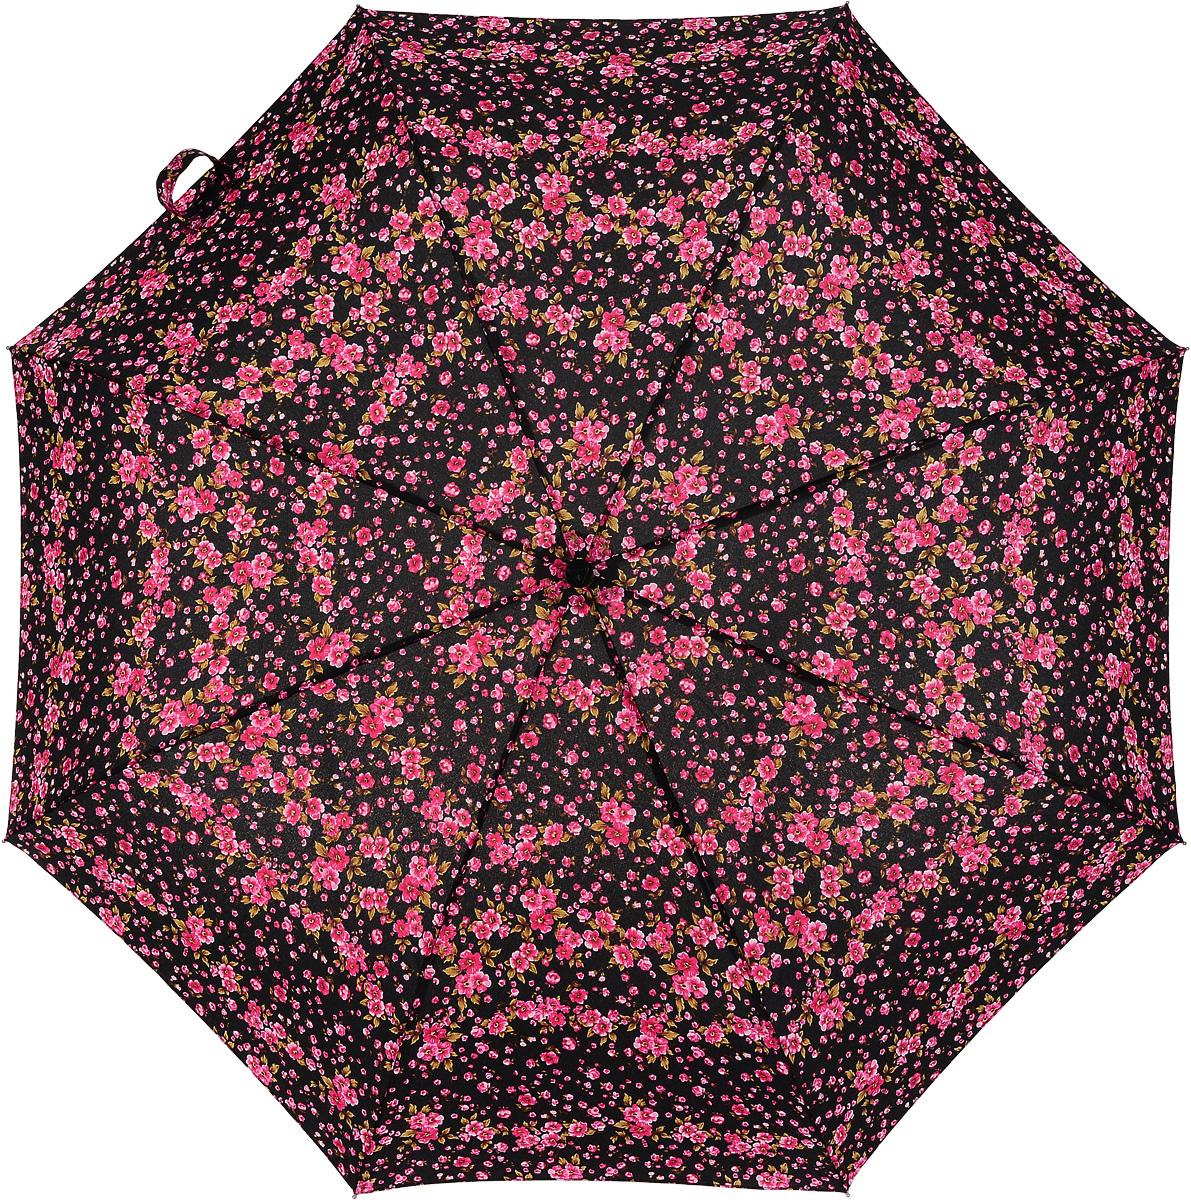 Зонт женский механика Fulton, расцветка: расцветкаы. L354-2765 SweetWilliamL354-2765 SweetWilliamЗамечательный, необыкновенно компактный зонт. Запатентованная безопасная технология замка. Уникальный супер-прочный. Увеличенный купол Длина в сложенном виде 25 см. Диаметр купола 96 см.